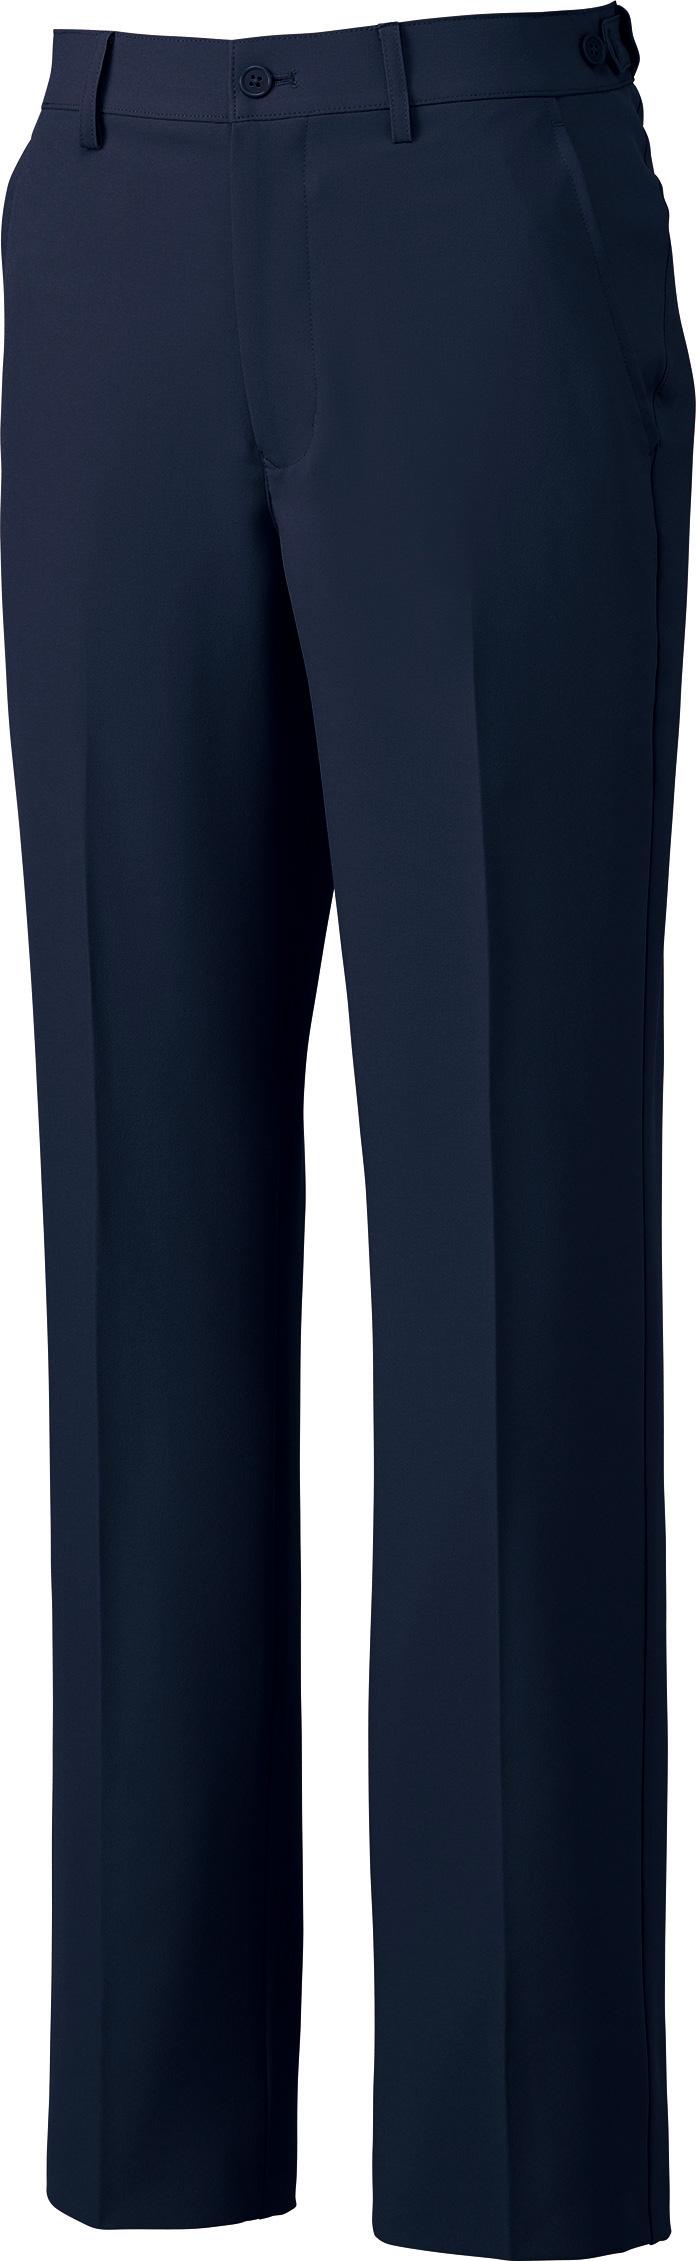 ミズノ  パンツ(メンズ)販売。刺繍、プリント加工対応します。研修医、医療チームウェアに人気